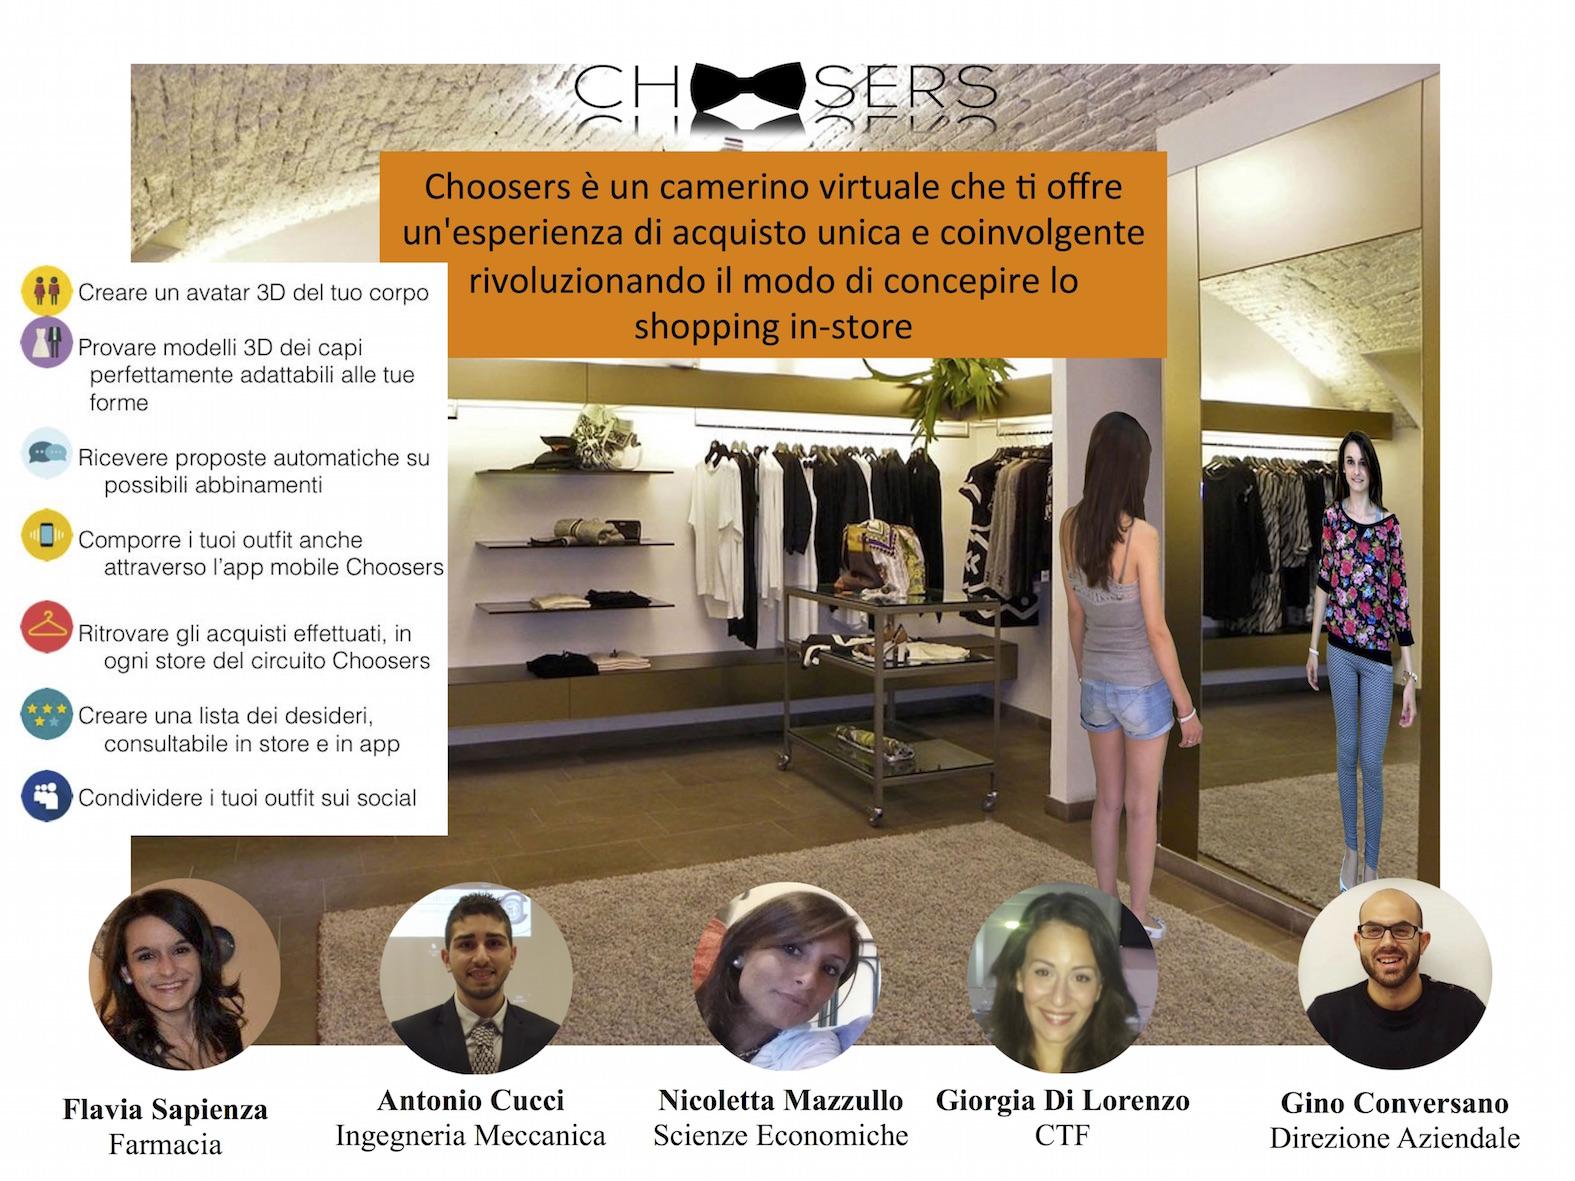 CLab I - Choosers